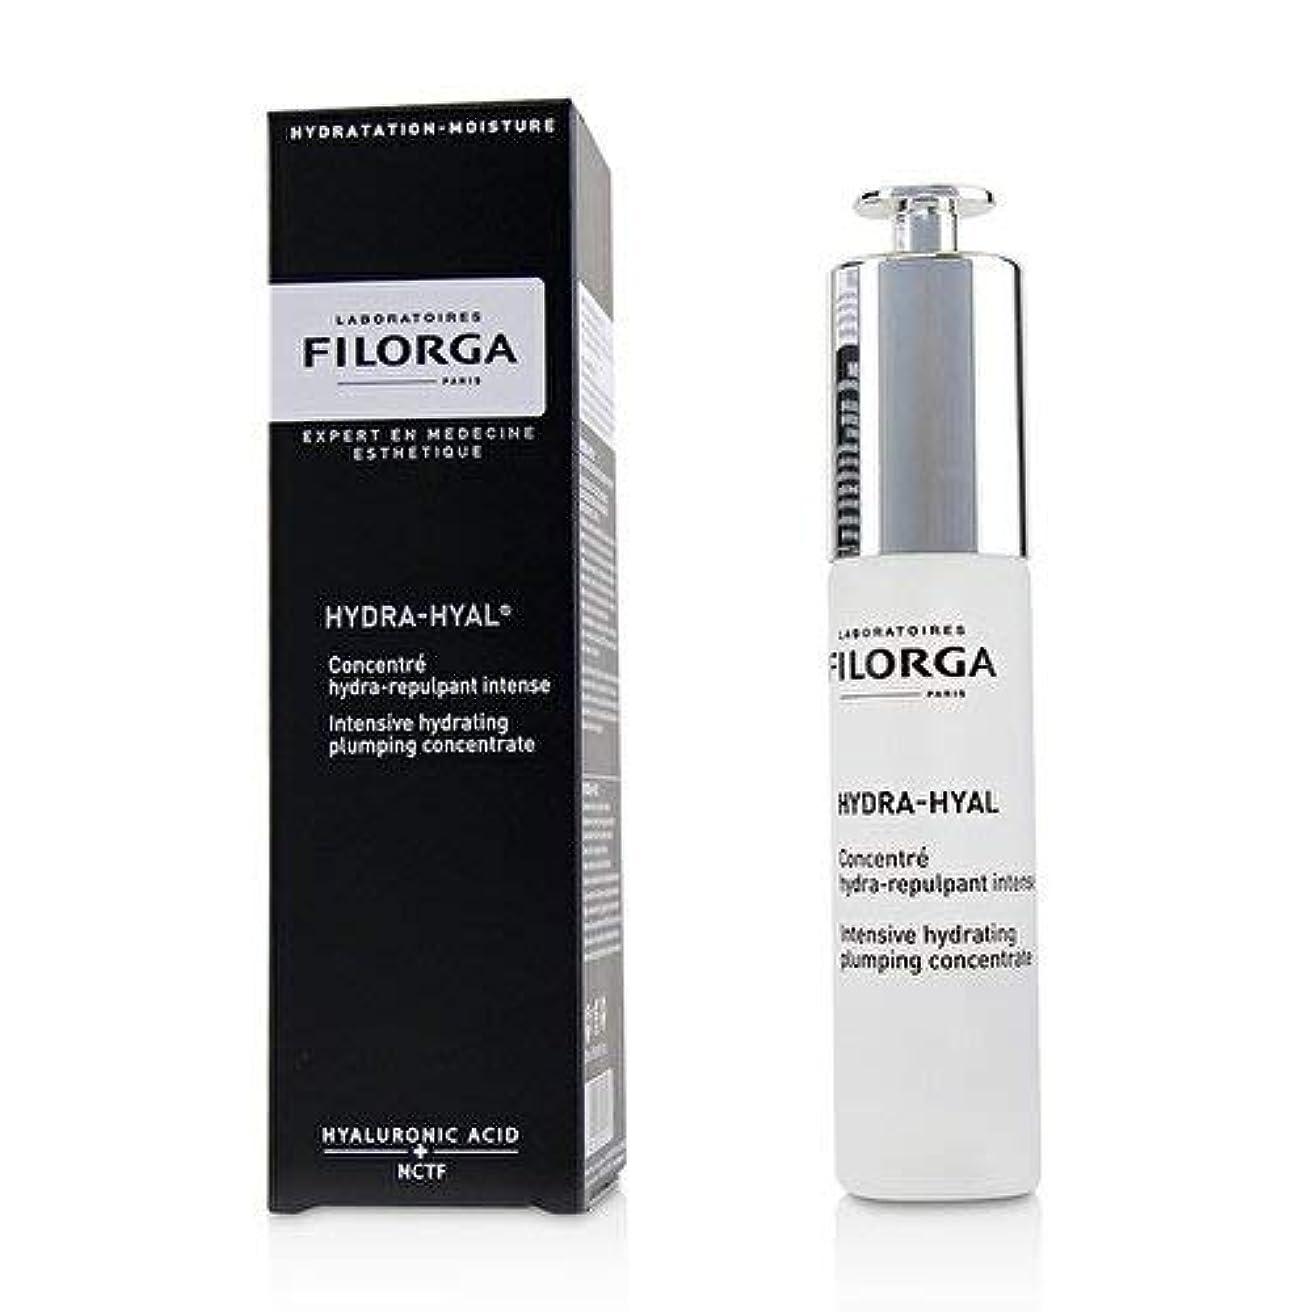 勝ついろいろ収益Filorga Hydra-Hyal Intensive Hydrating Plumping Concentrate 1V1320DM/359720 30ml/1oz並行輸入品